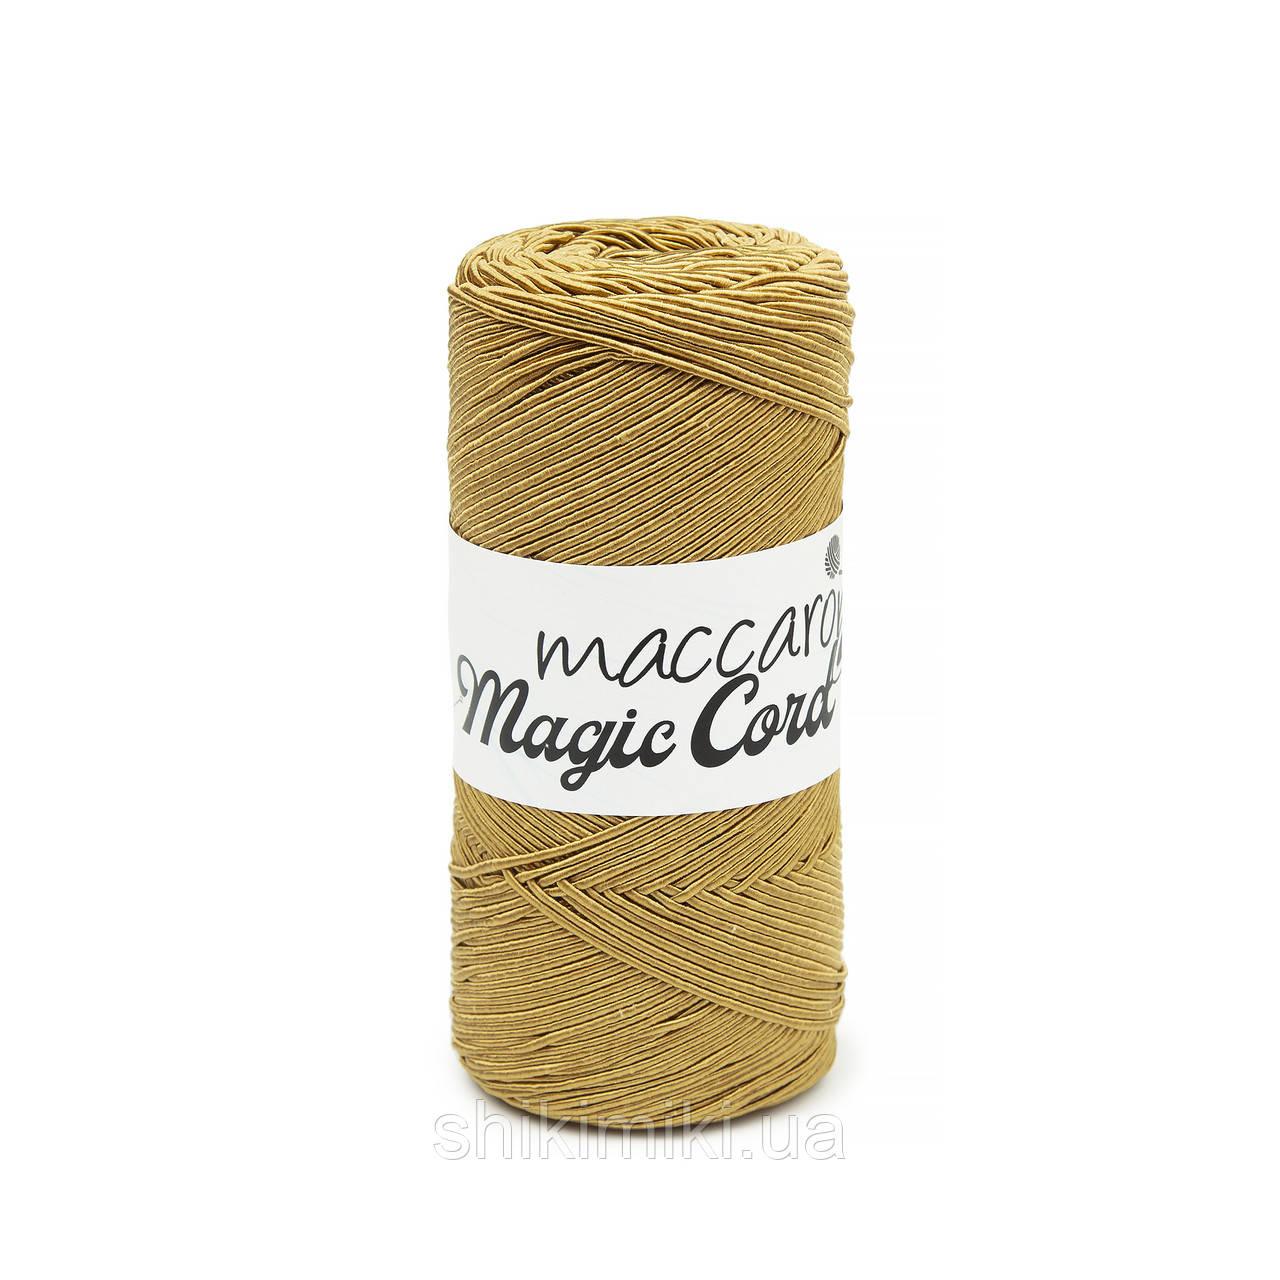 Шнур сутажний Maccaroni Magic Cord, колір Гірчичний